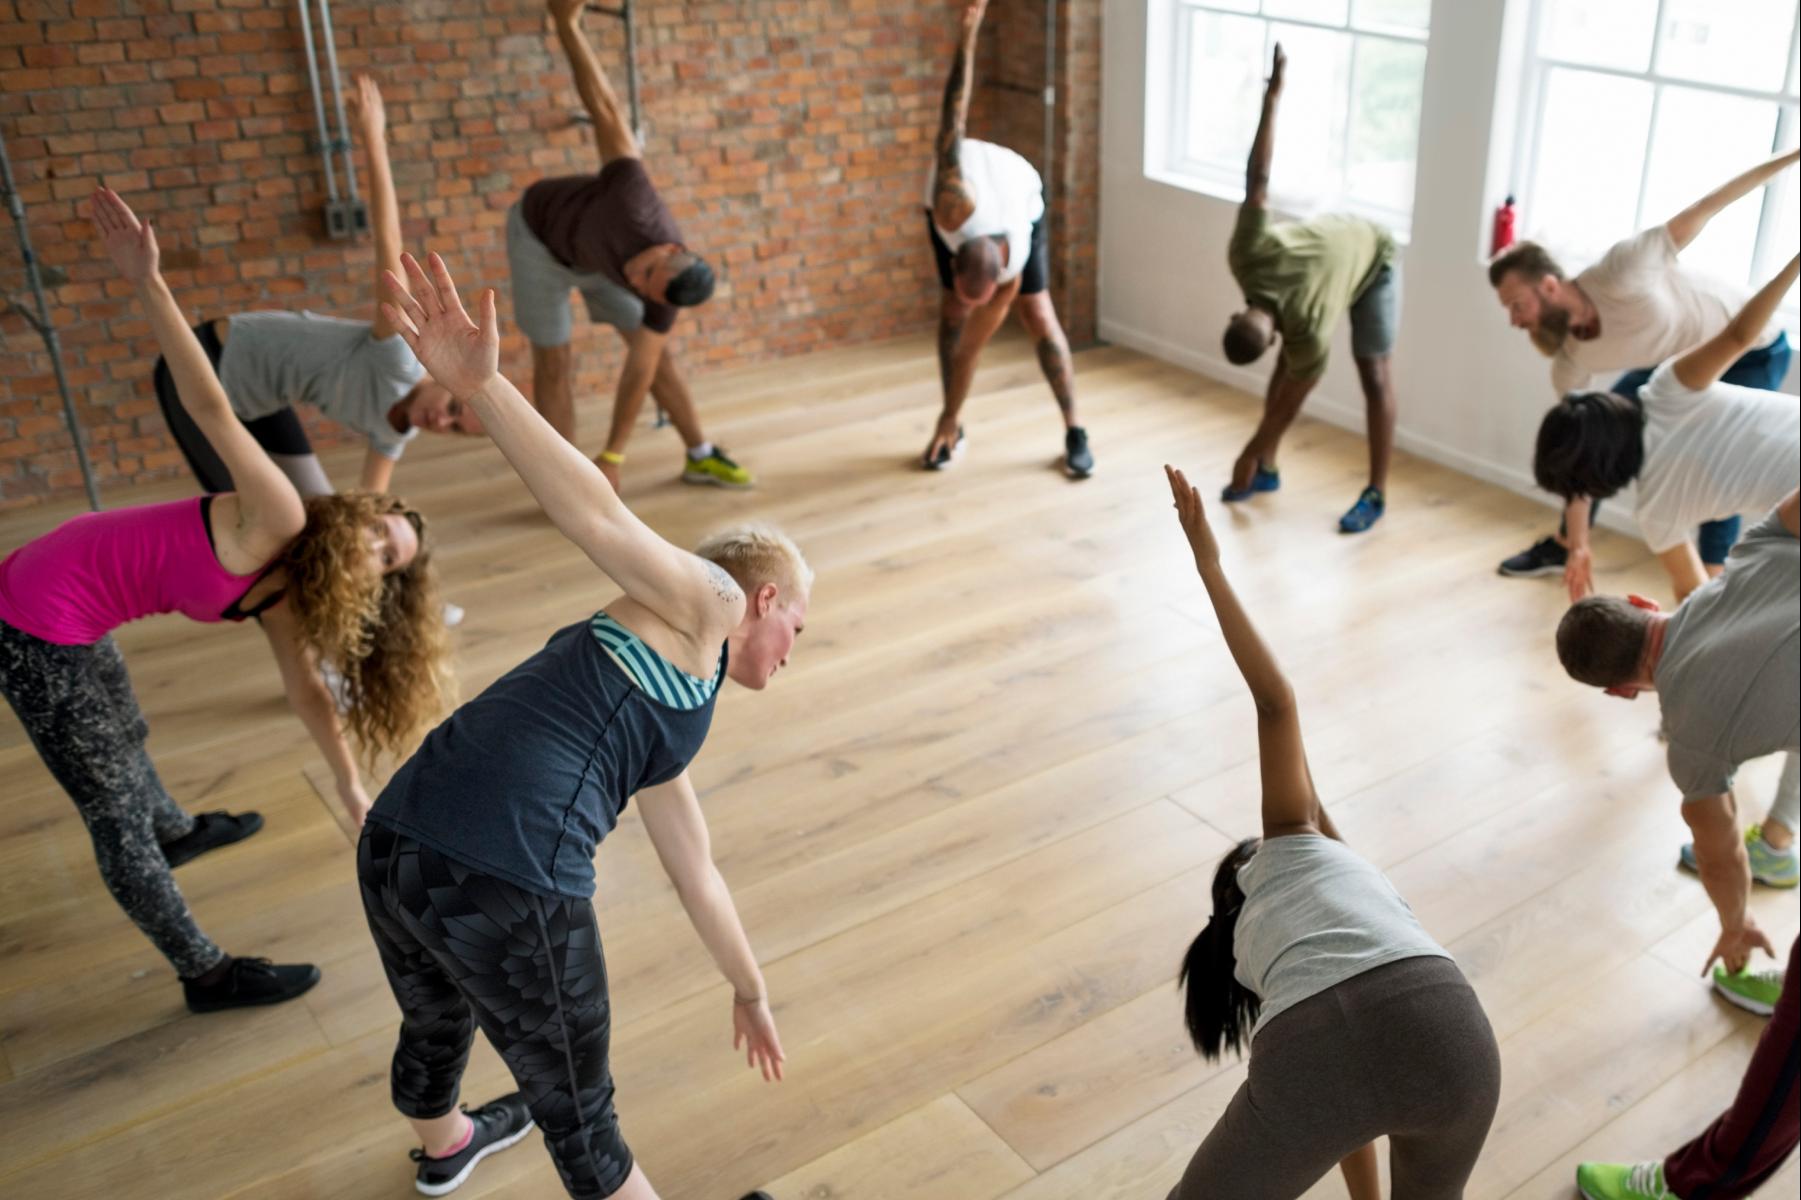 Ejercicio físico, parte I. ¿Qué debes saber antes de empezar una rutina de ejercicio?